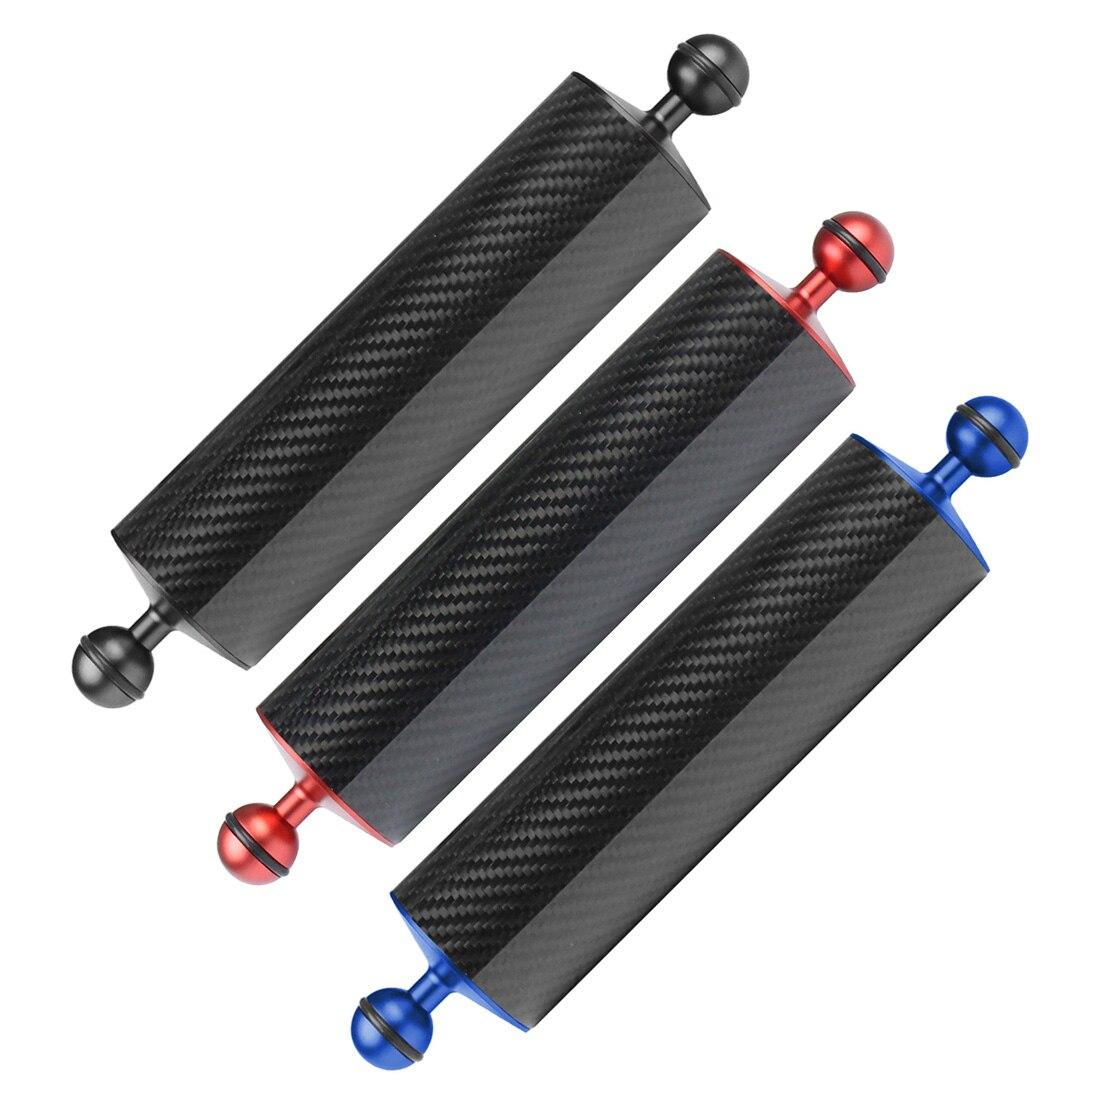 Fibra de carbono flutuabilidade flutuador braço bola dupla flutuante braço câmera mergulho bandeja para dji osmo para gopro/xiaoyi/eken câmeras esportivas